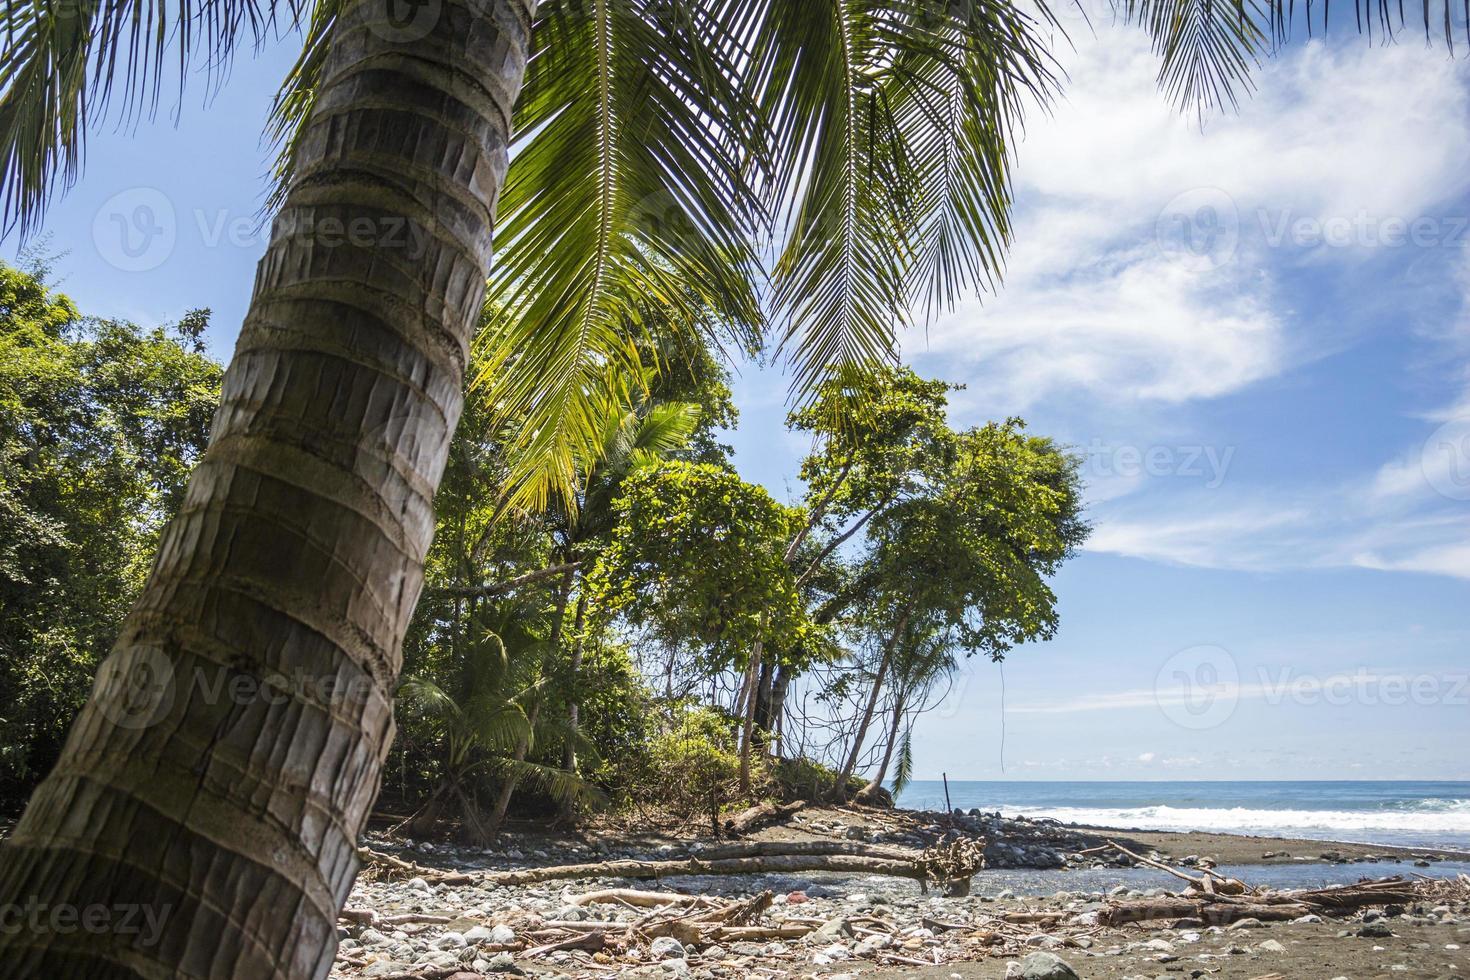 playa y selva en costa rica foto